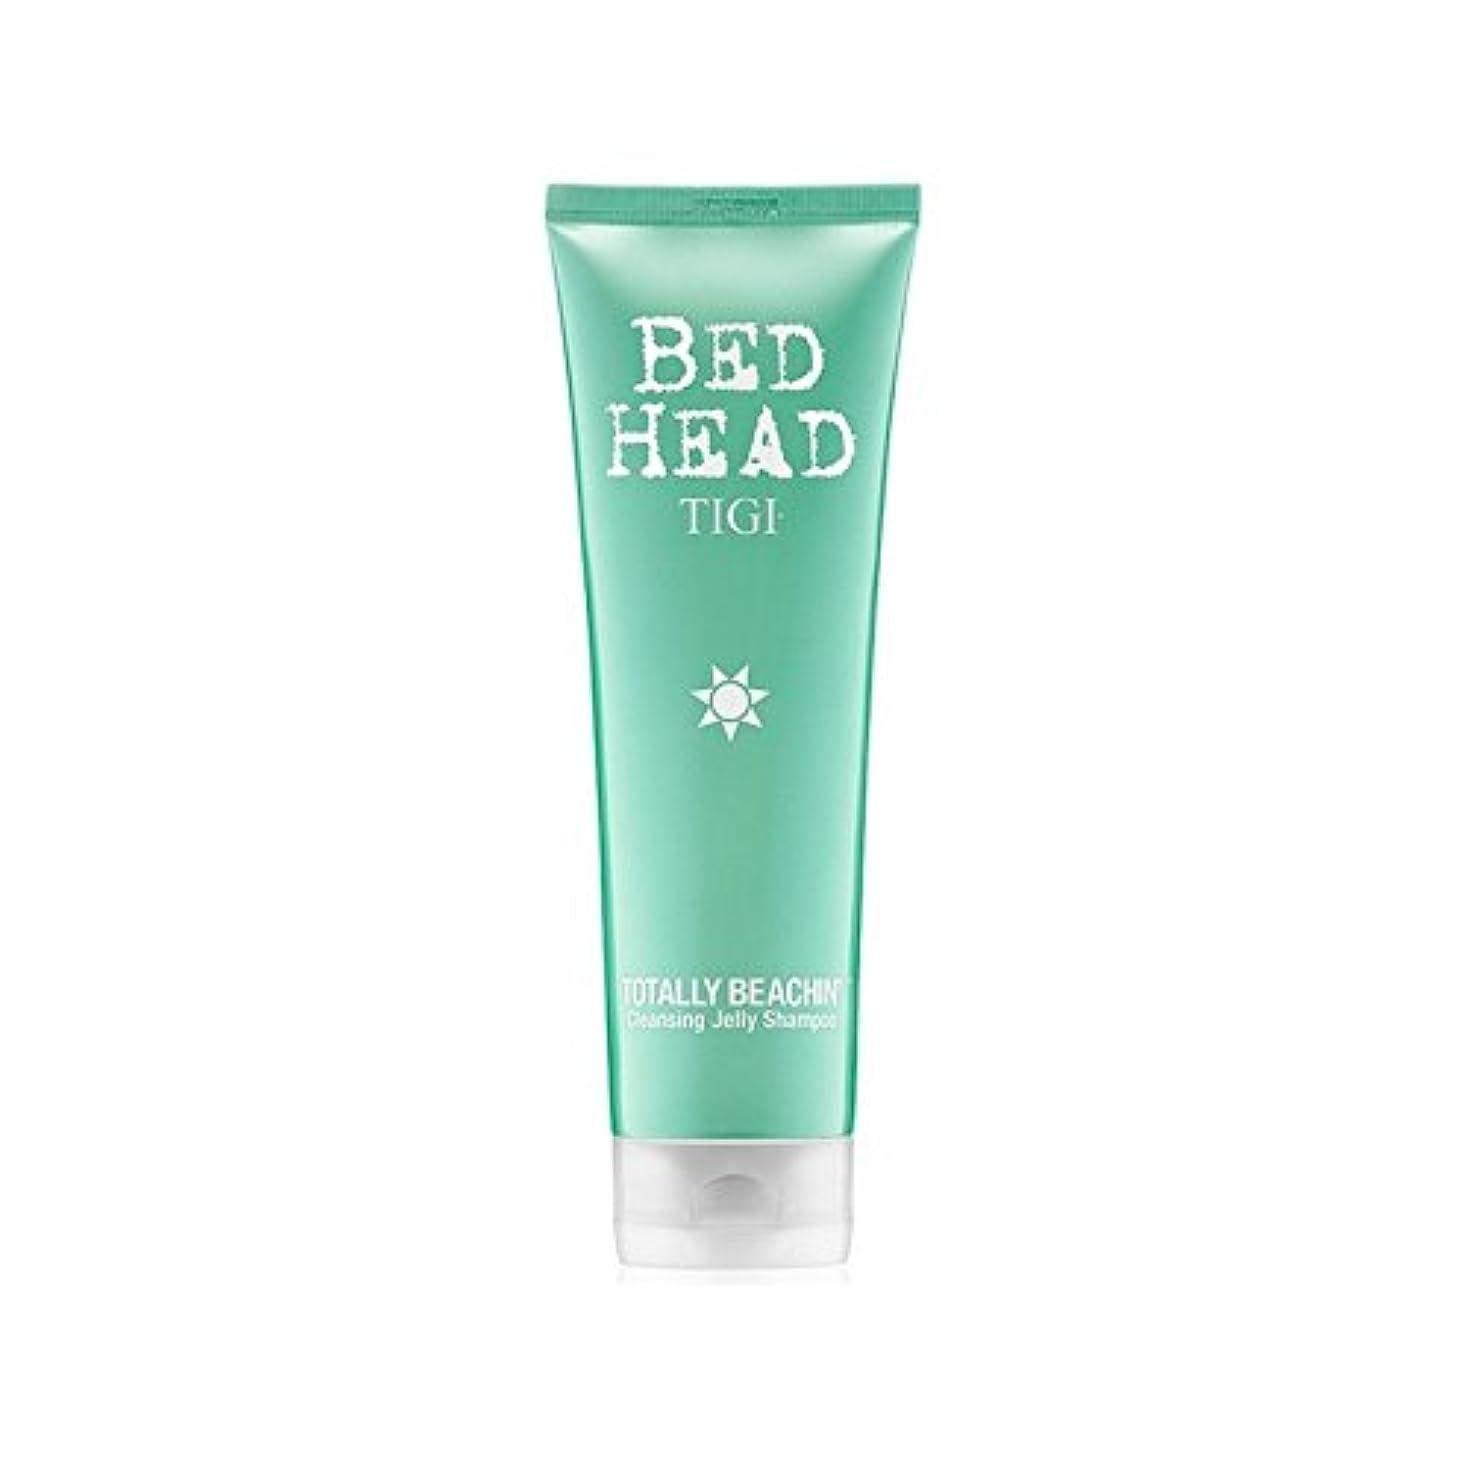 洞窟軽名門Tigi Bed Head Totally Beachin Cleansing Jelly Shampoo (250ml) (Pack of 6) - 完全にクレンジングゼリーシャンプー(250ミリリットル)ティジーベッドヘッド x6 [並行輸入品]